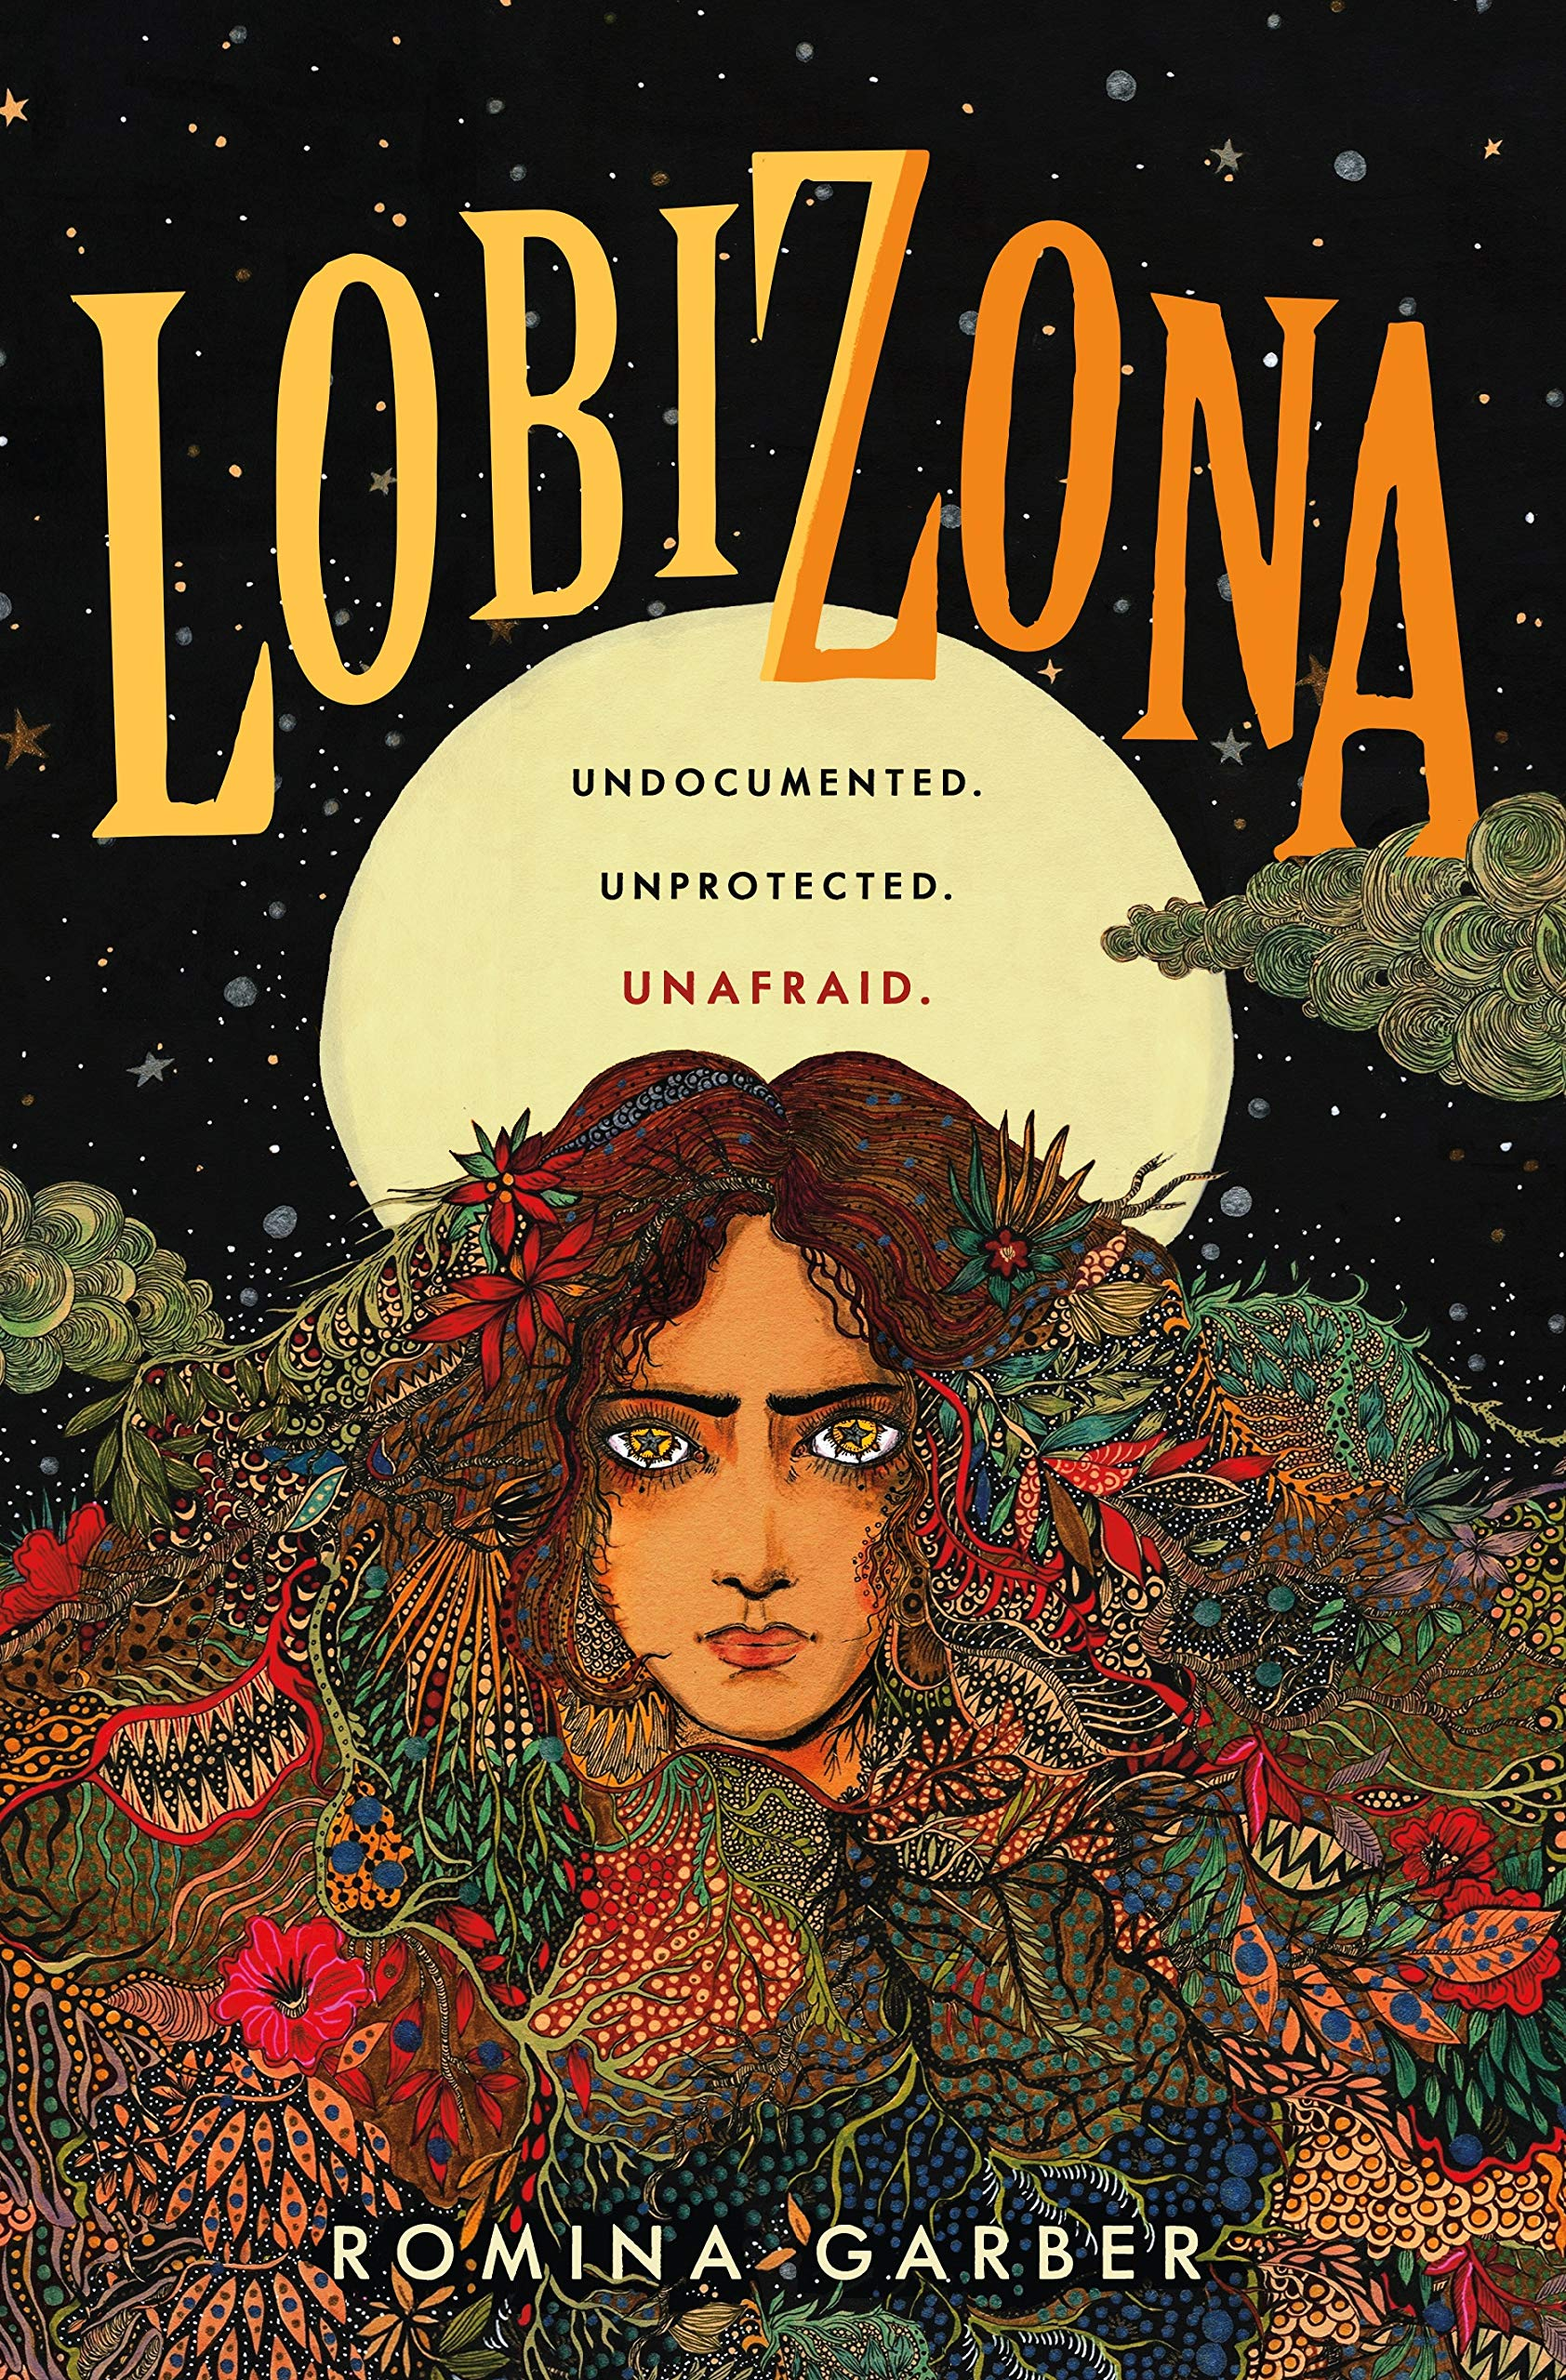 Review: Lobizona, Romina Garber